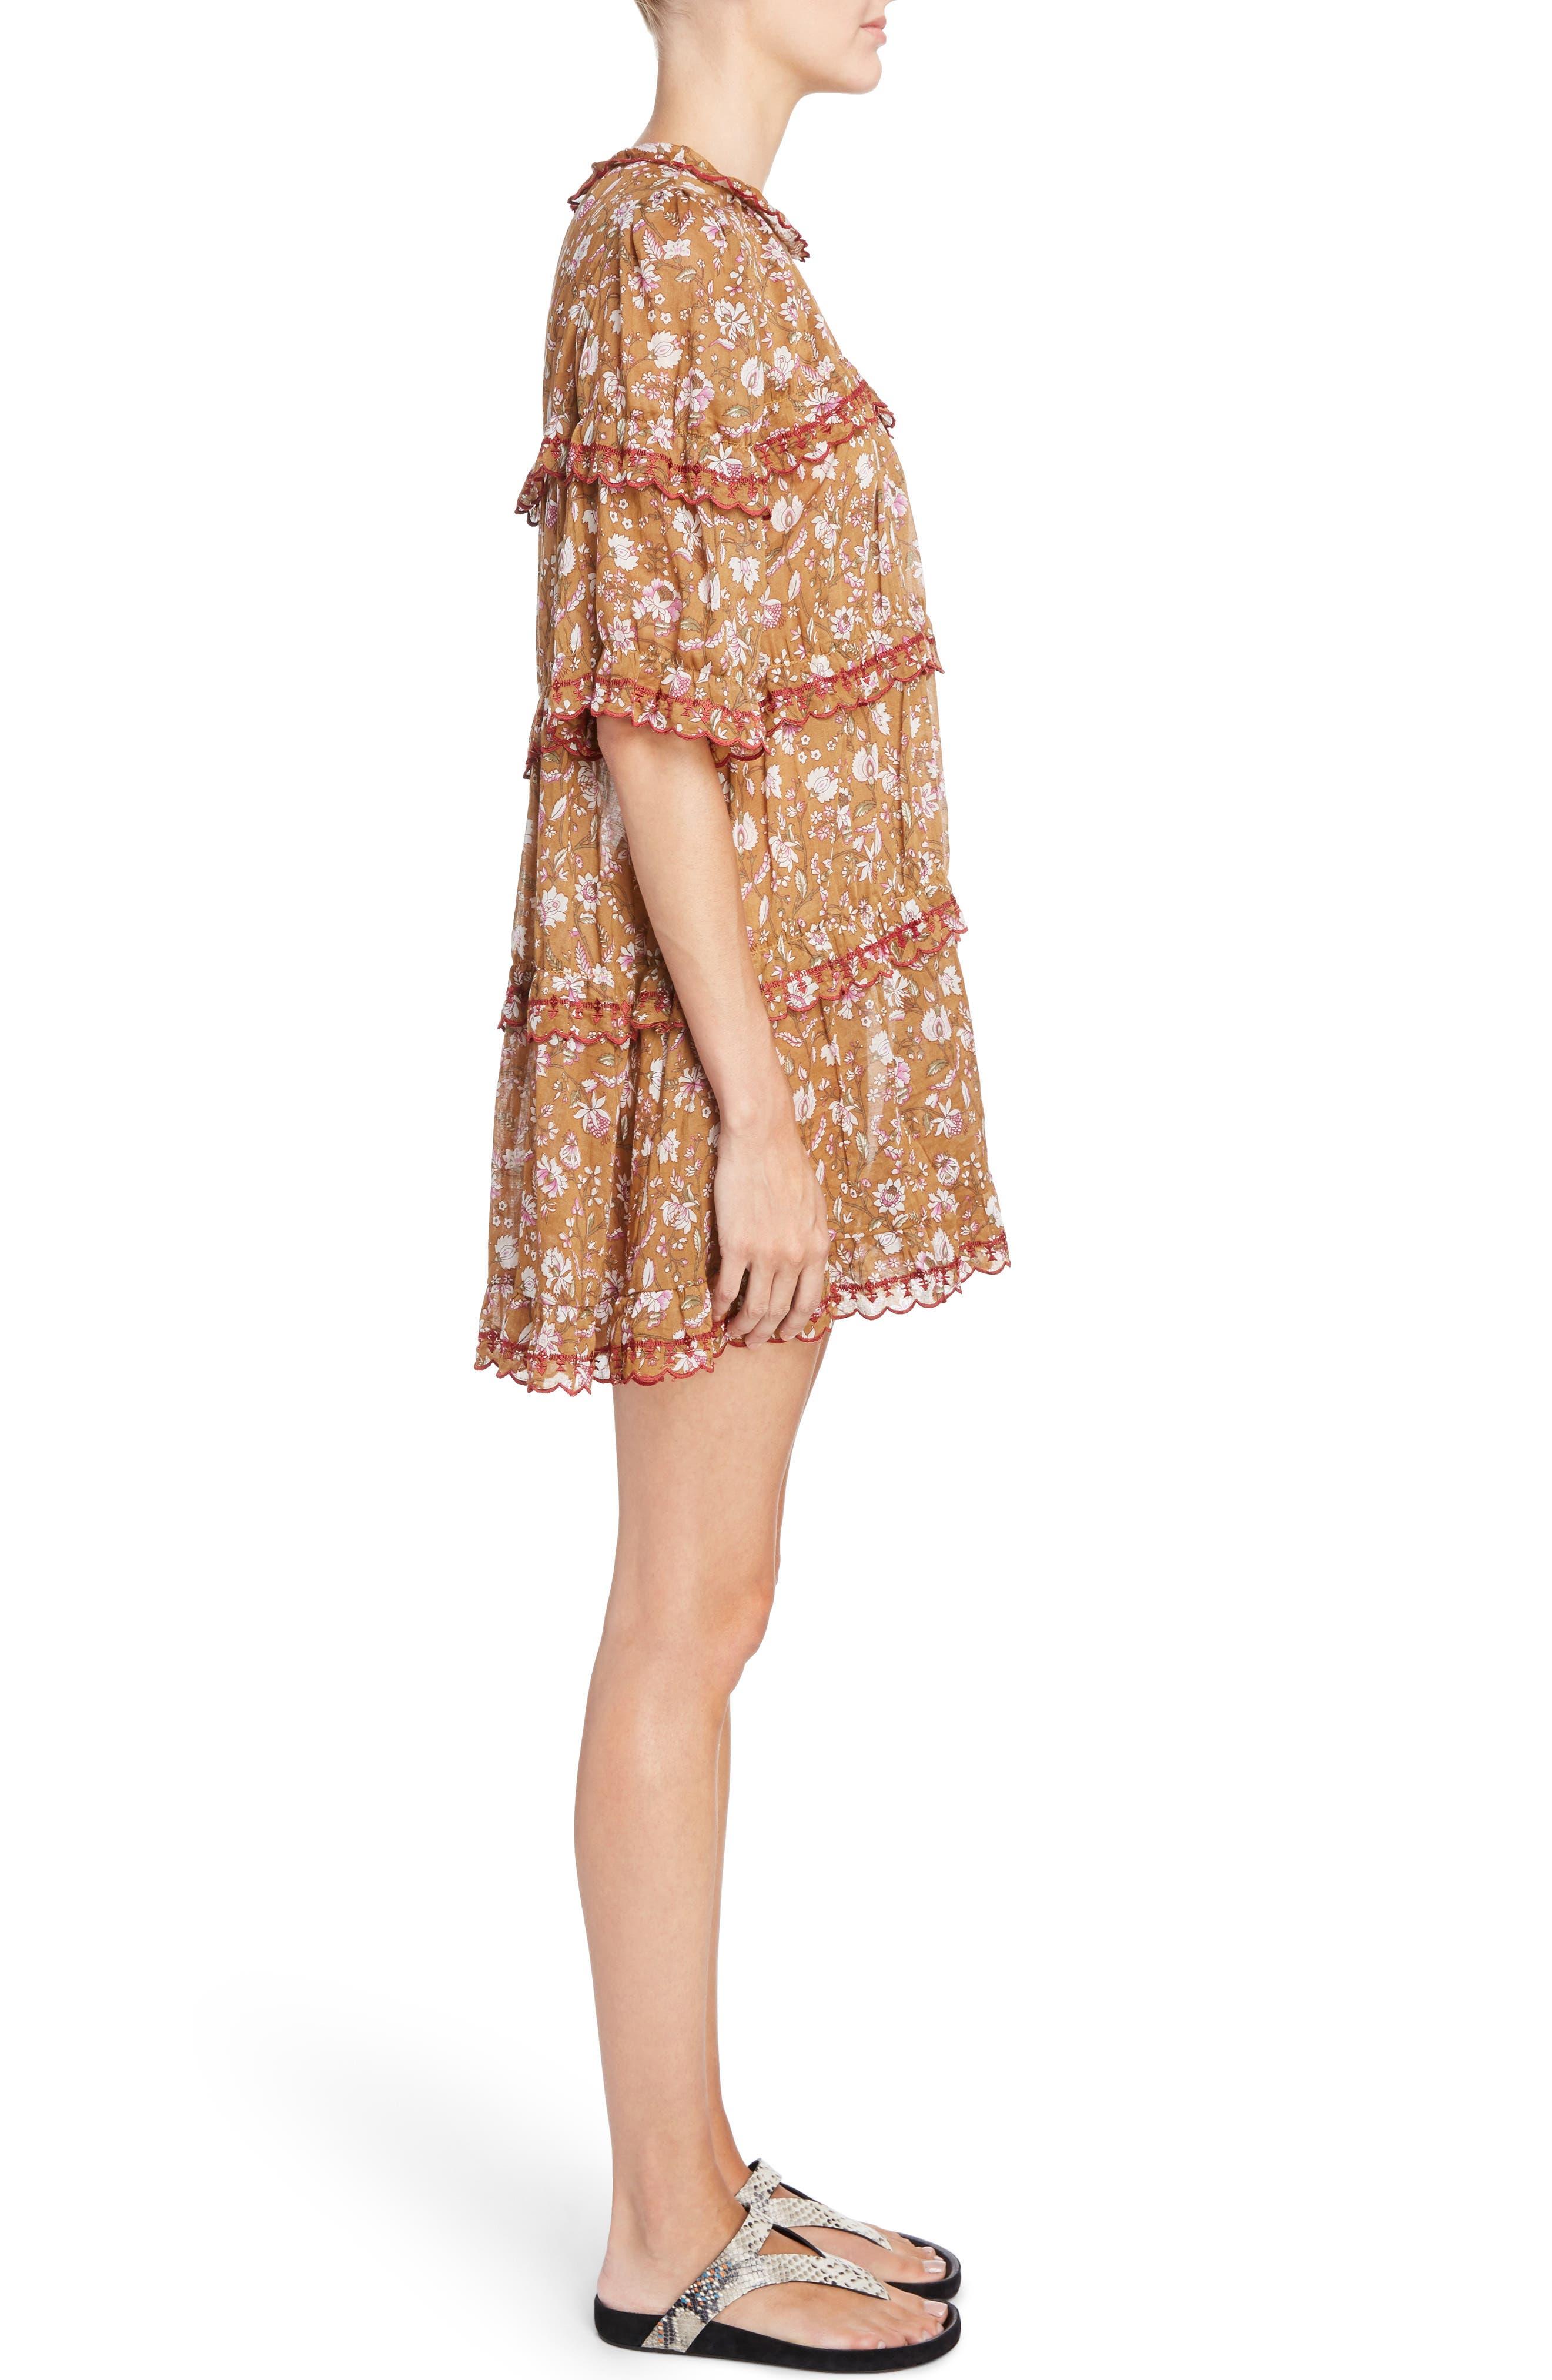 Isabel Marant Étoile Maiwenn Floral Print Cotton Dress,                             Alternate thumbnail 3, color,                             800